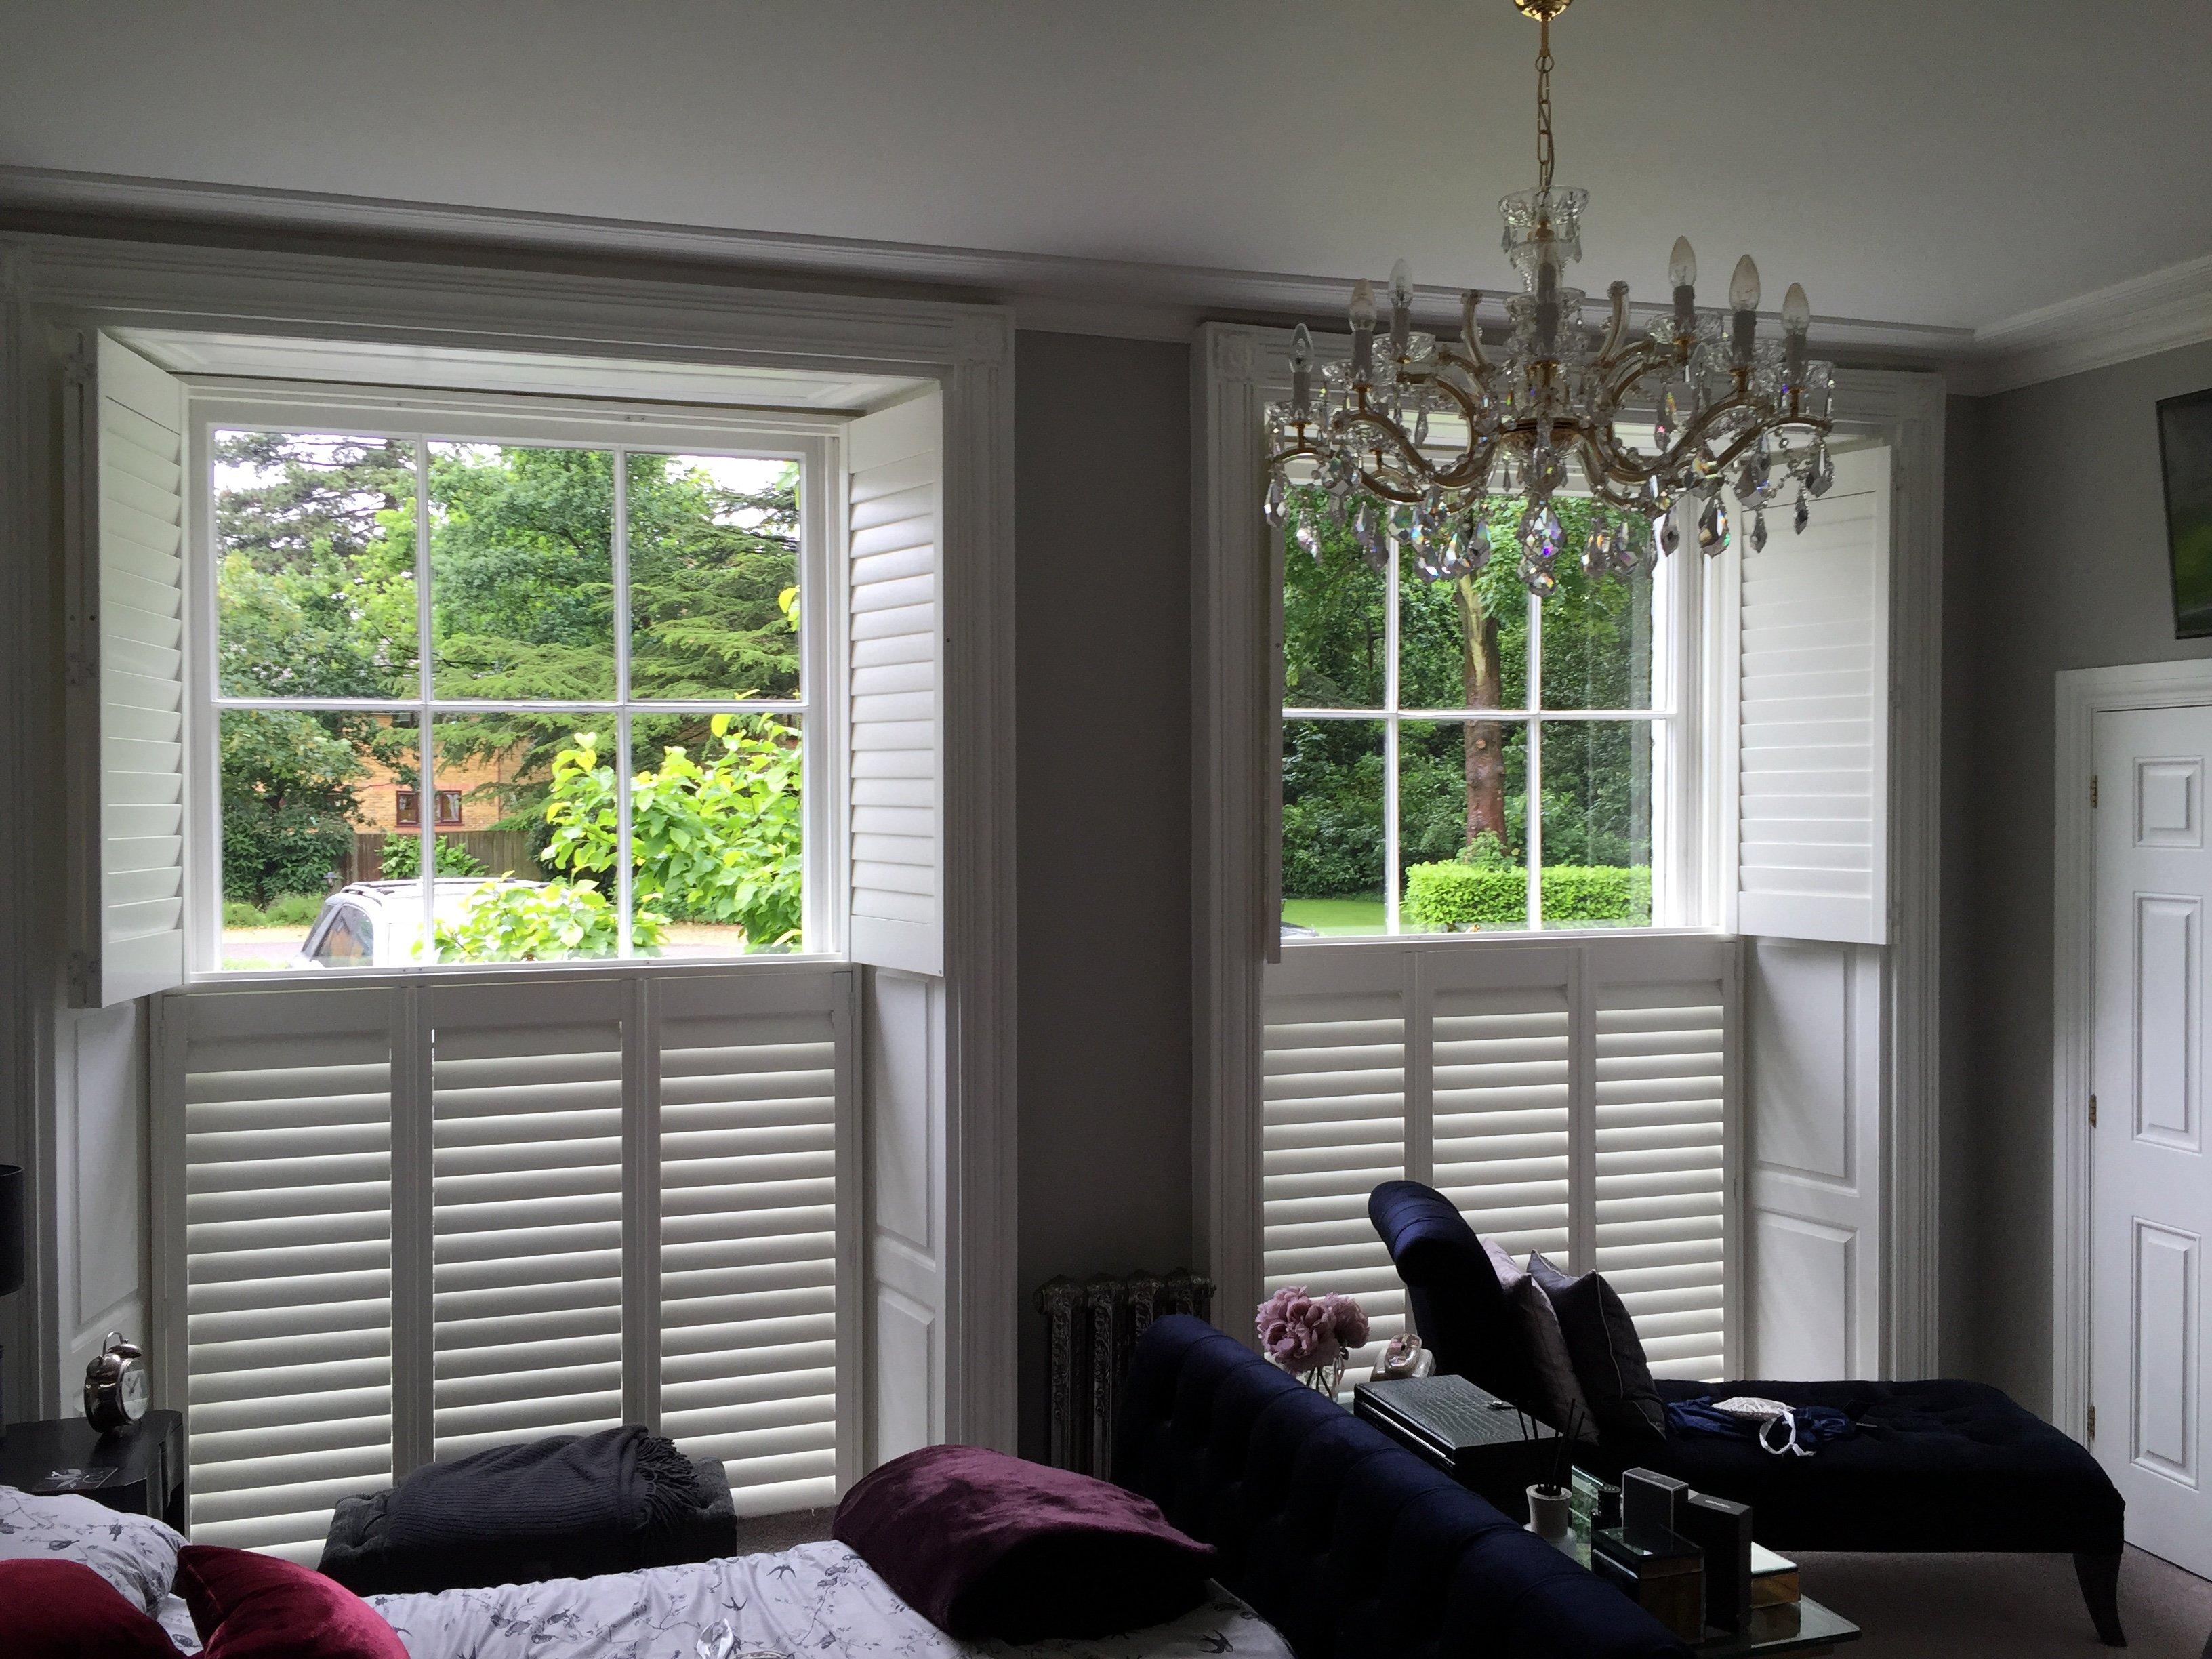 Tier on tier window shutters window shutters for 12 window shutters